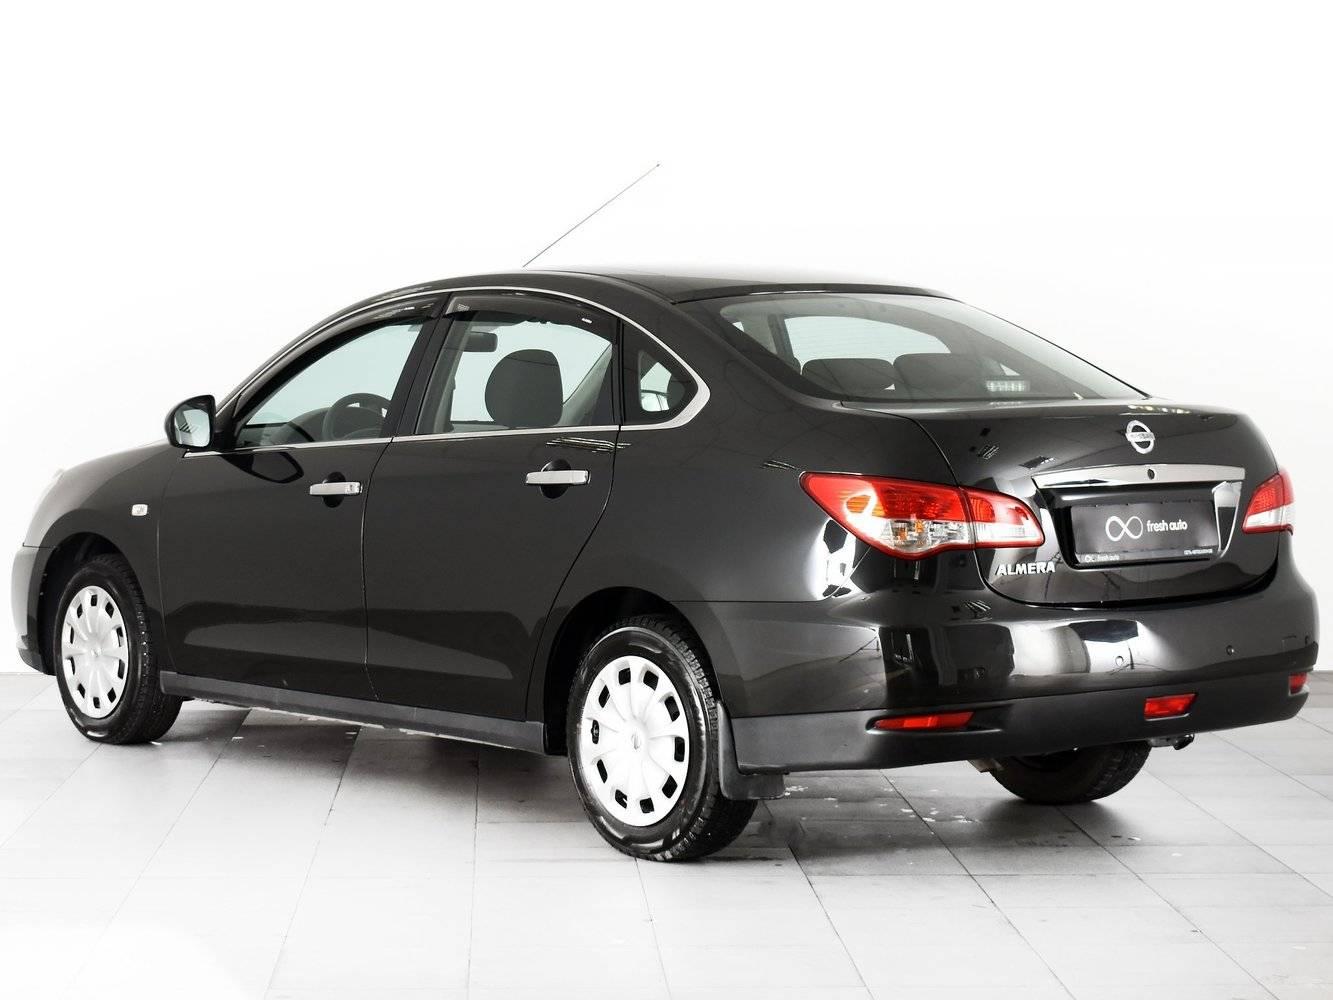 Машины за 250 000: Ford Focus II или Nissan Almera Classic I